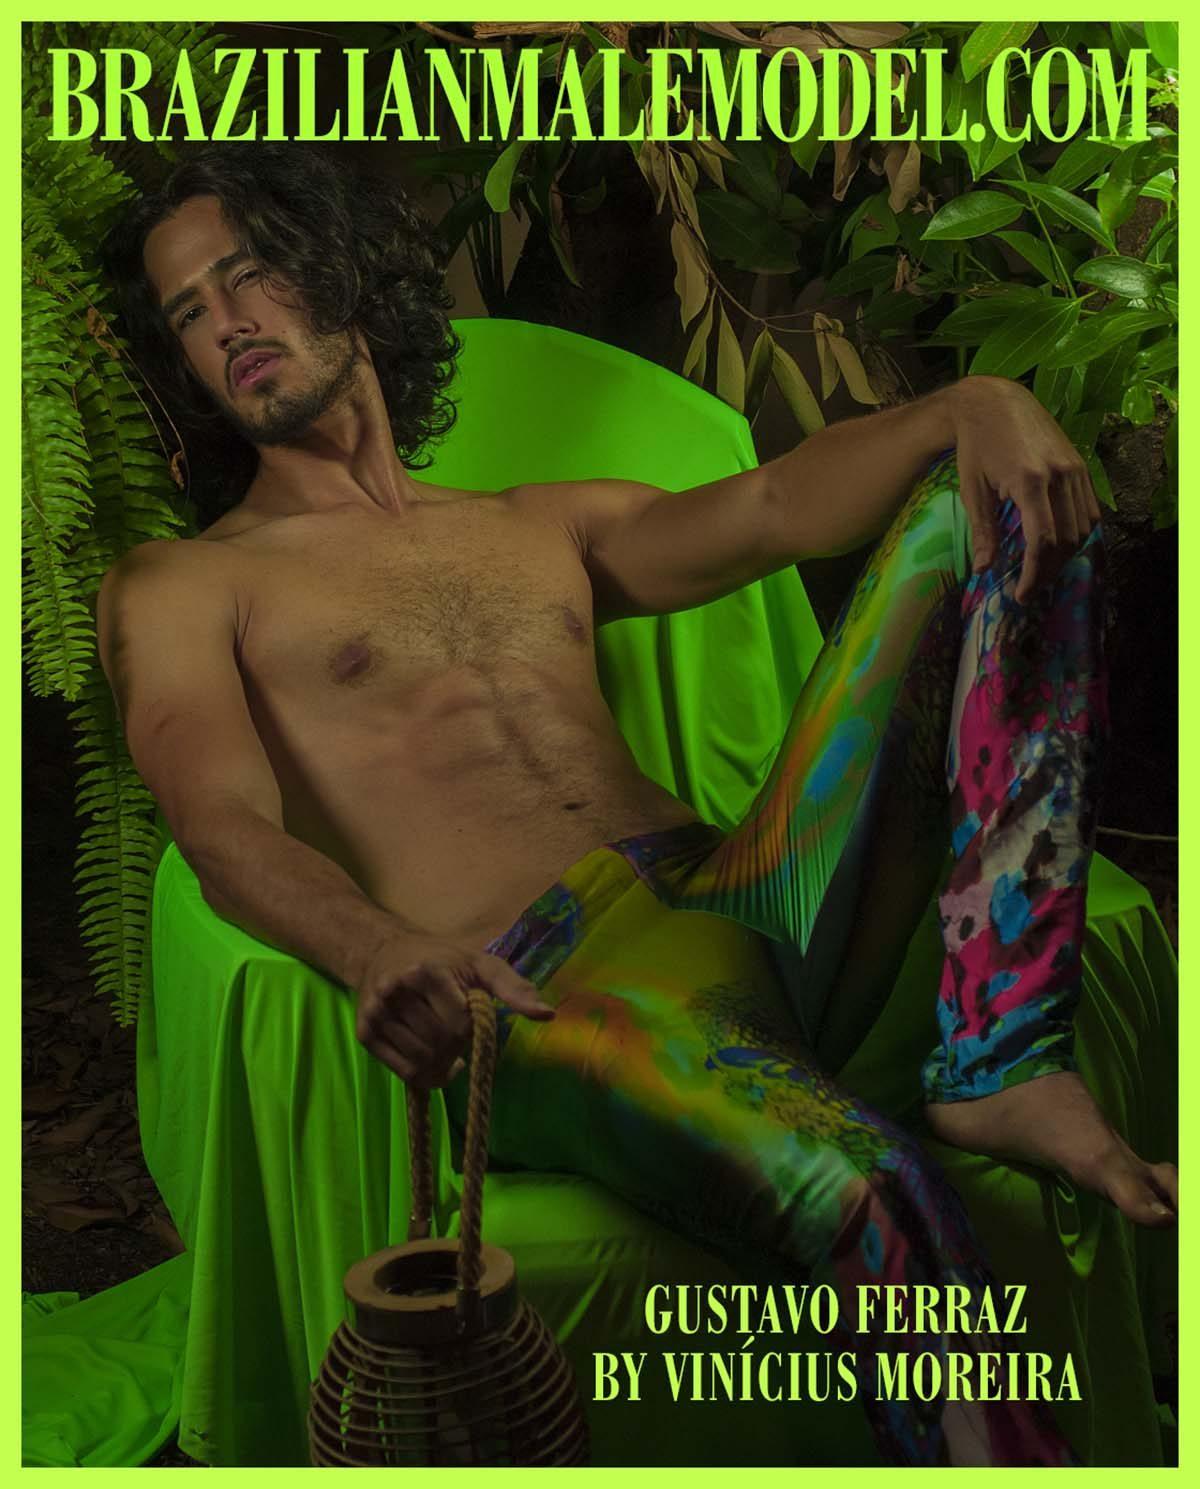 Gustavo Ferraz by Vinícius Moreira